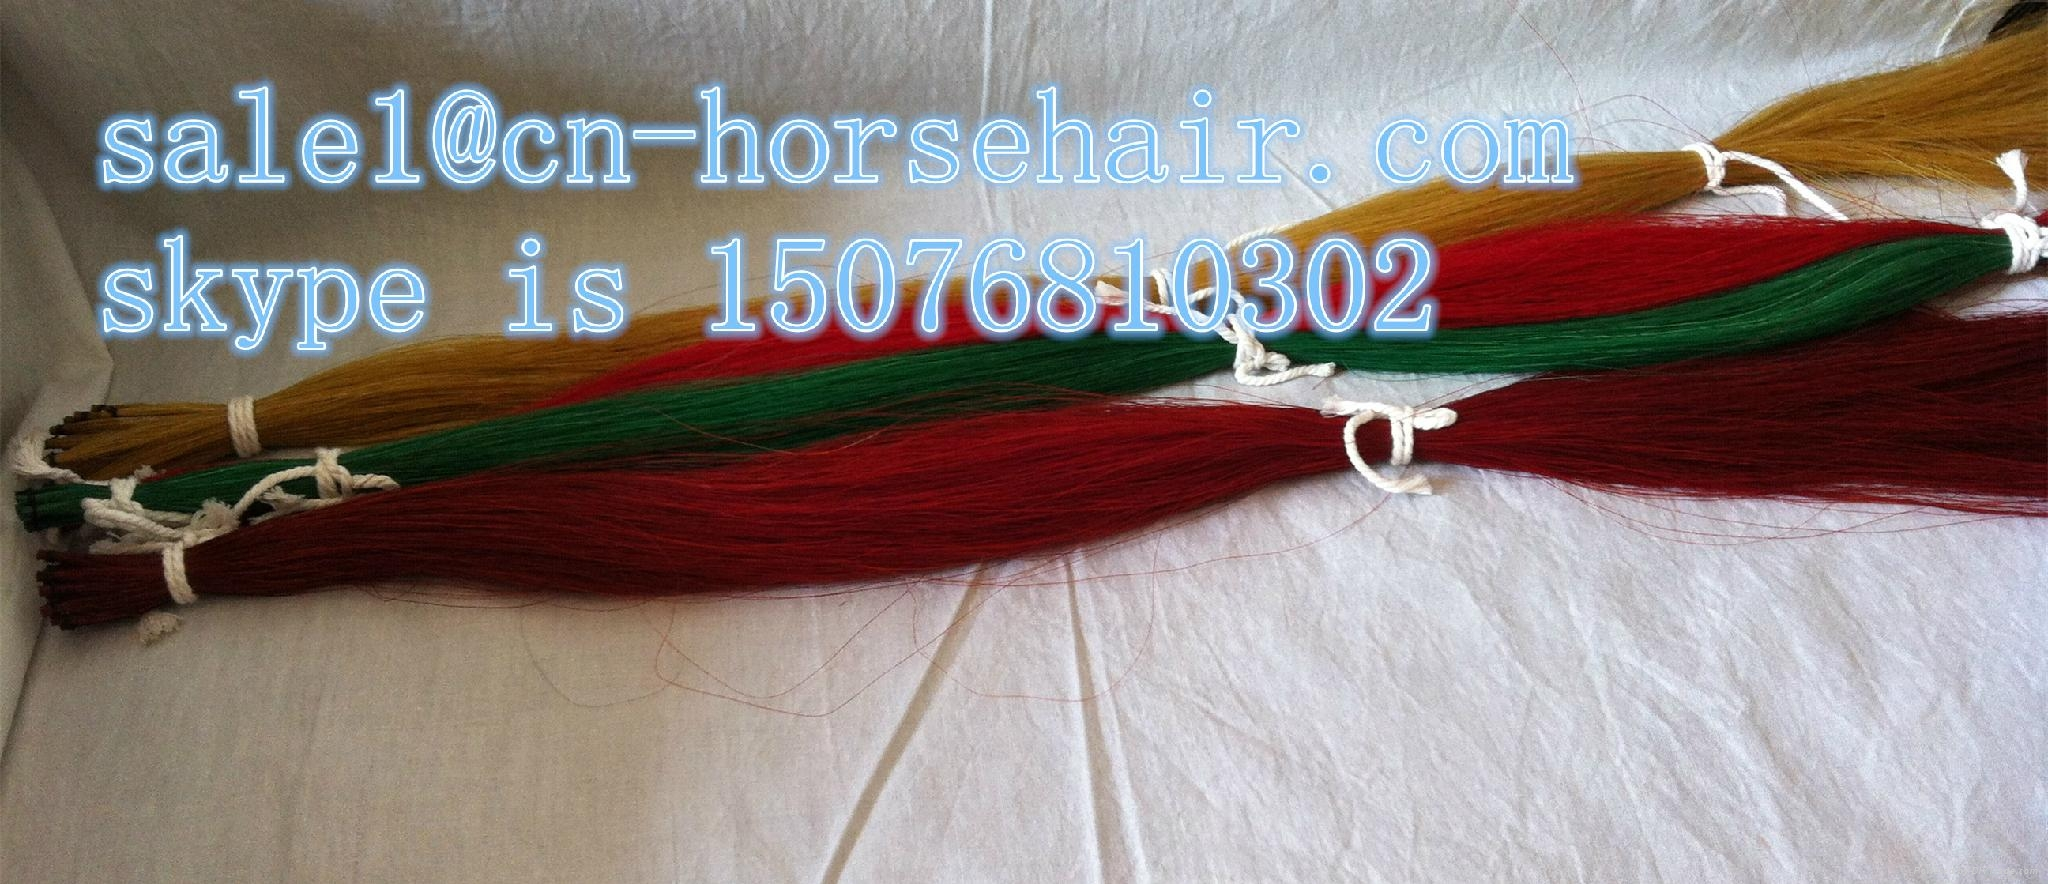 dyed horse hair 3